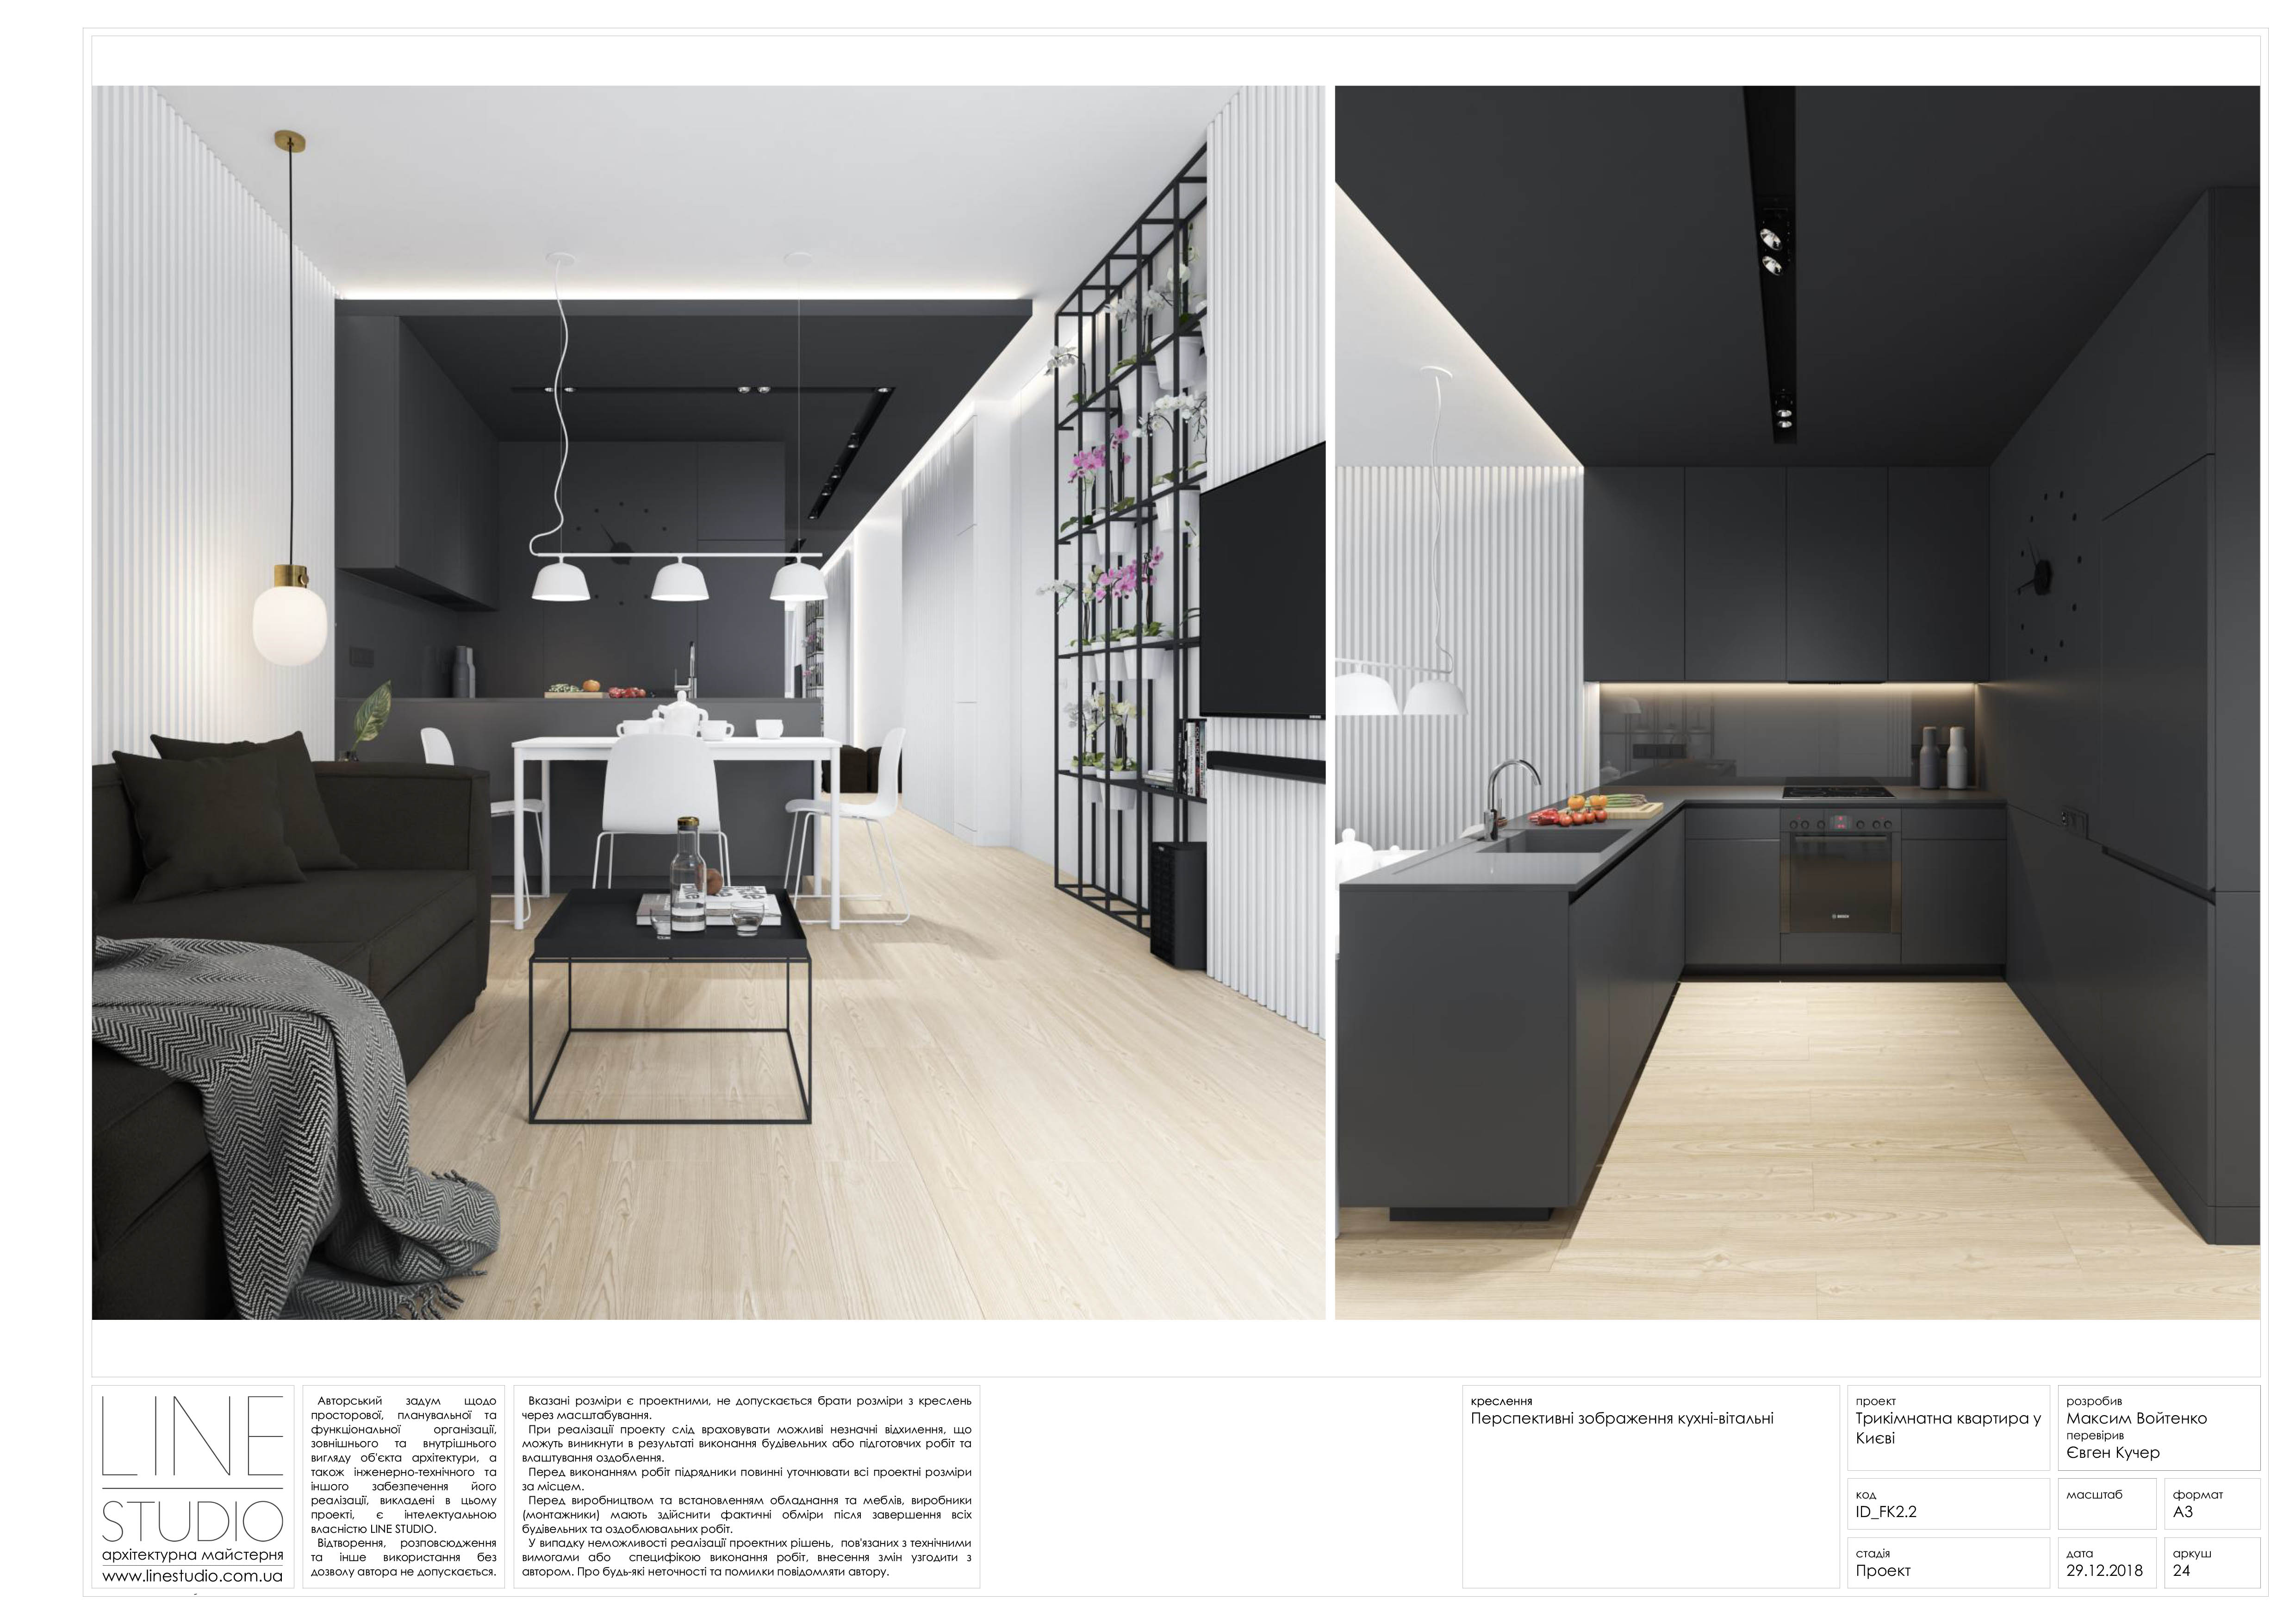 24_fk2.2_Перспективні зображення кухні